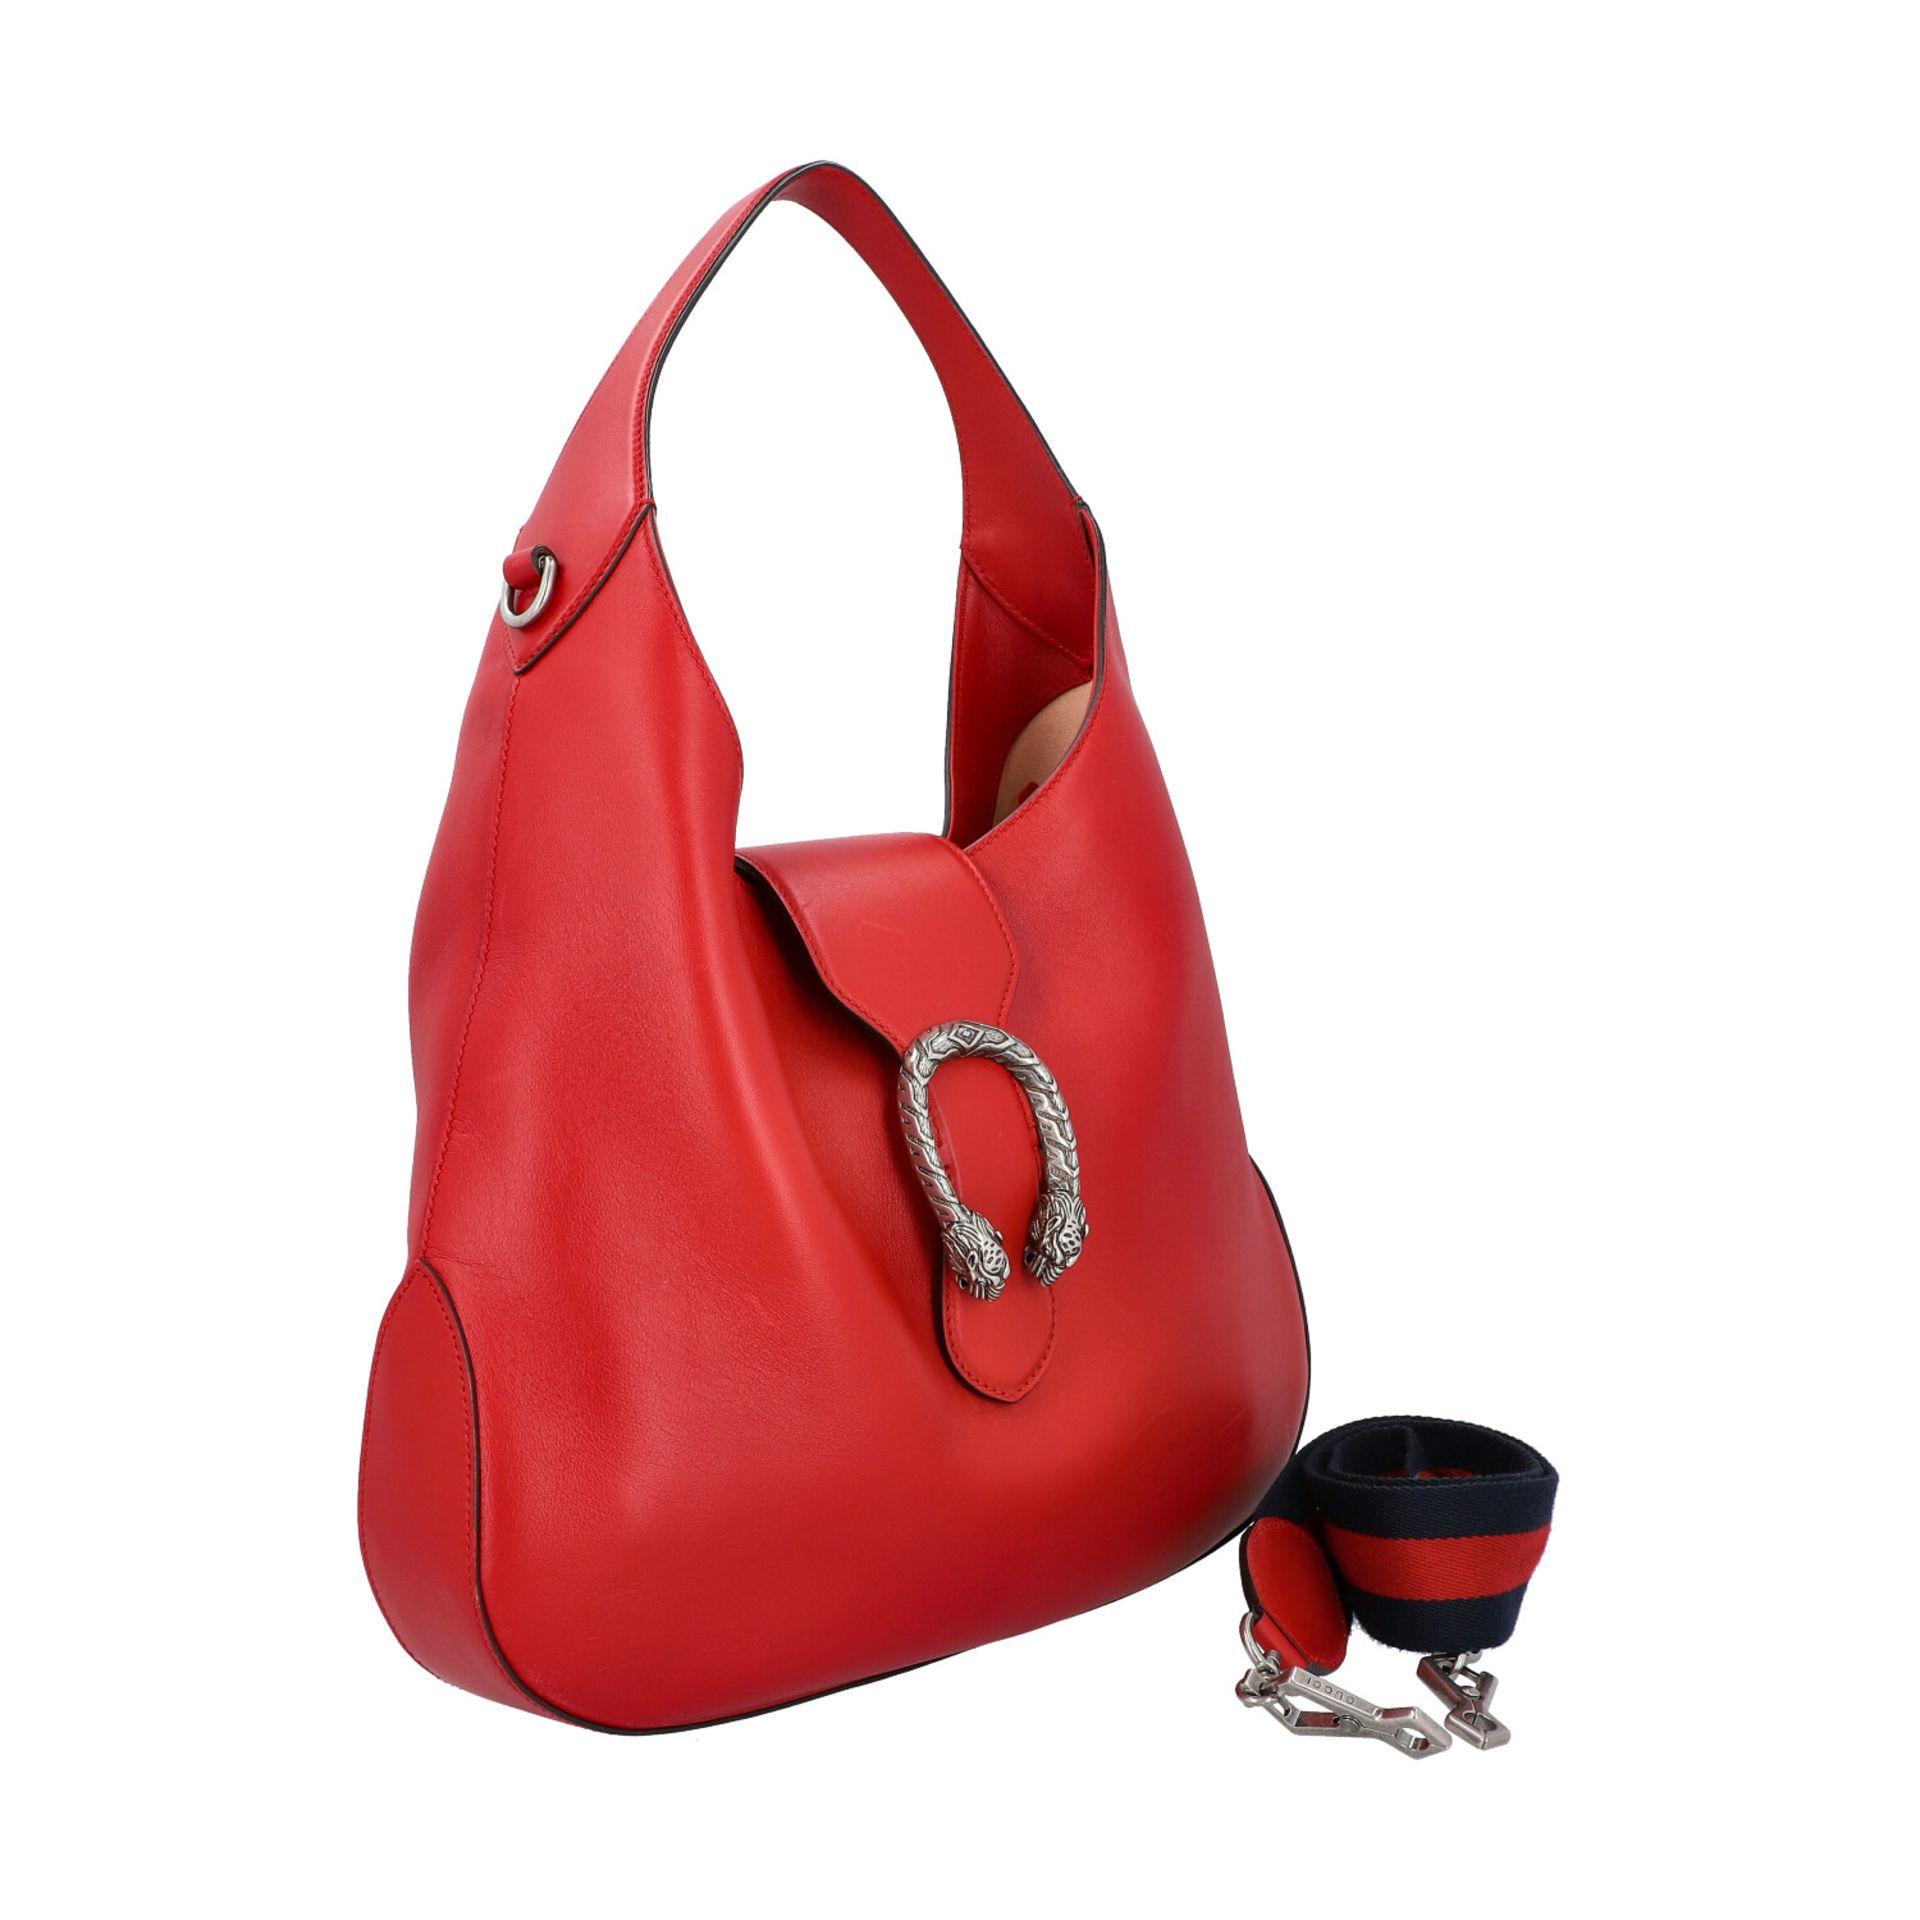 """GUCCI Hobobag """"DIONYSUS NERO"""".Feines Glattleder in Rot mit silberfarbener Hardware, Lasche mit - Bild 2 aus 8"""